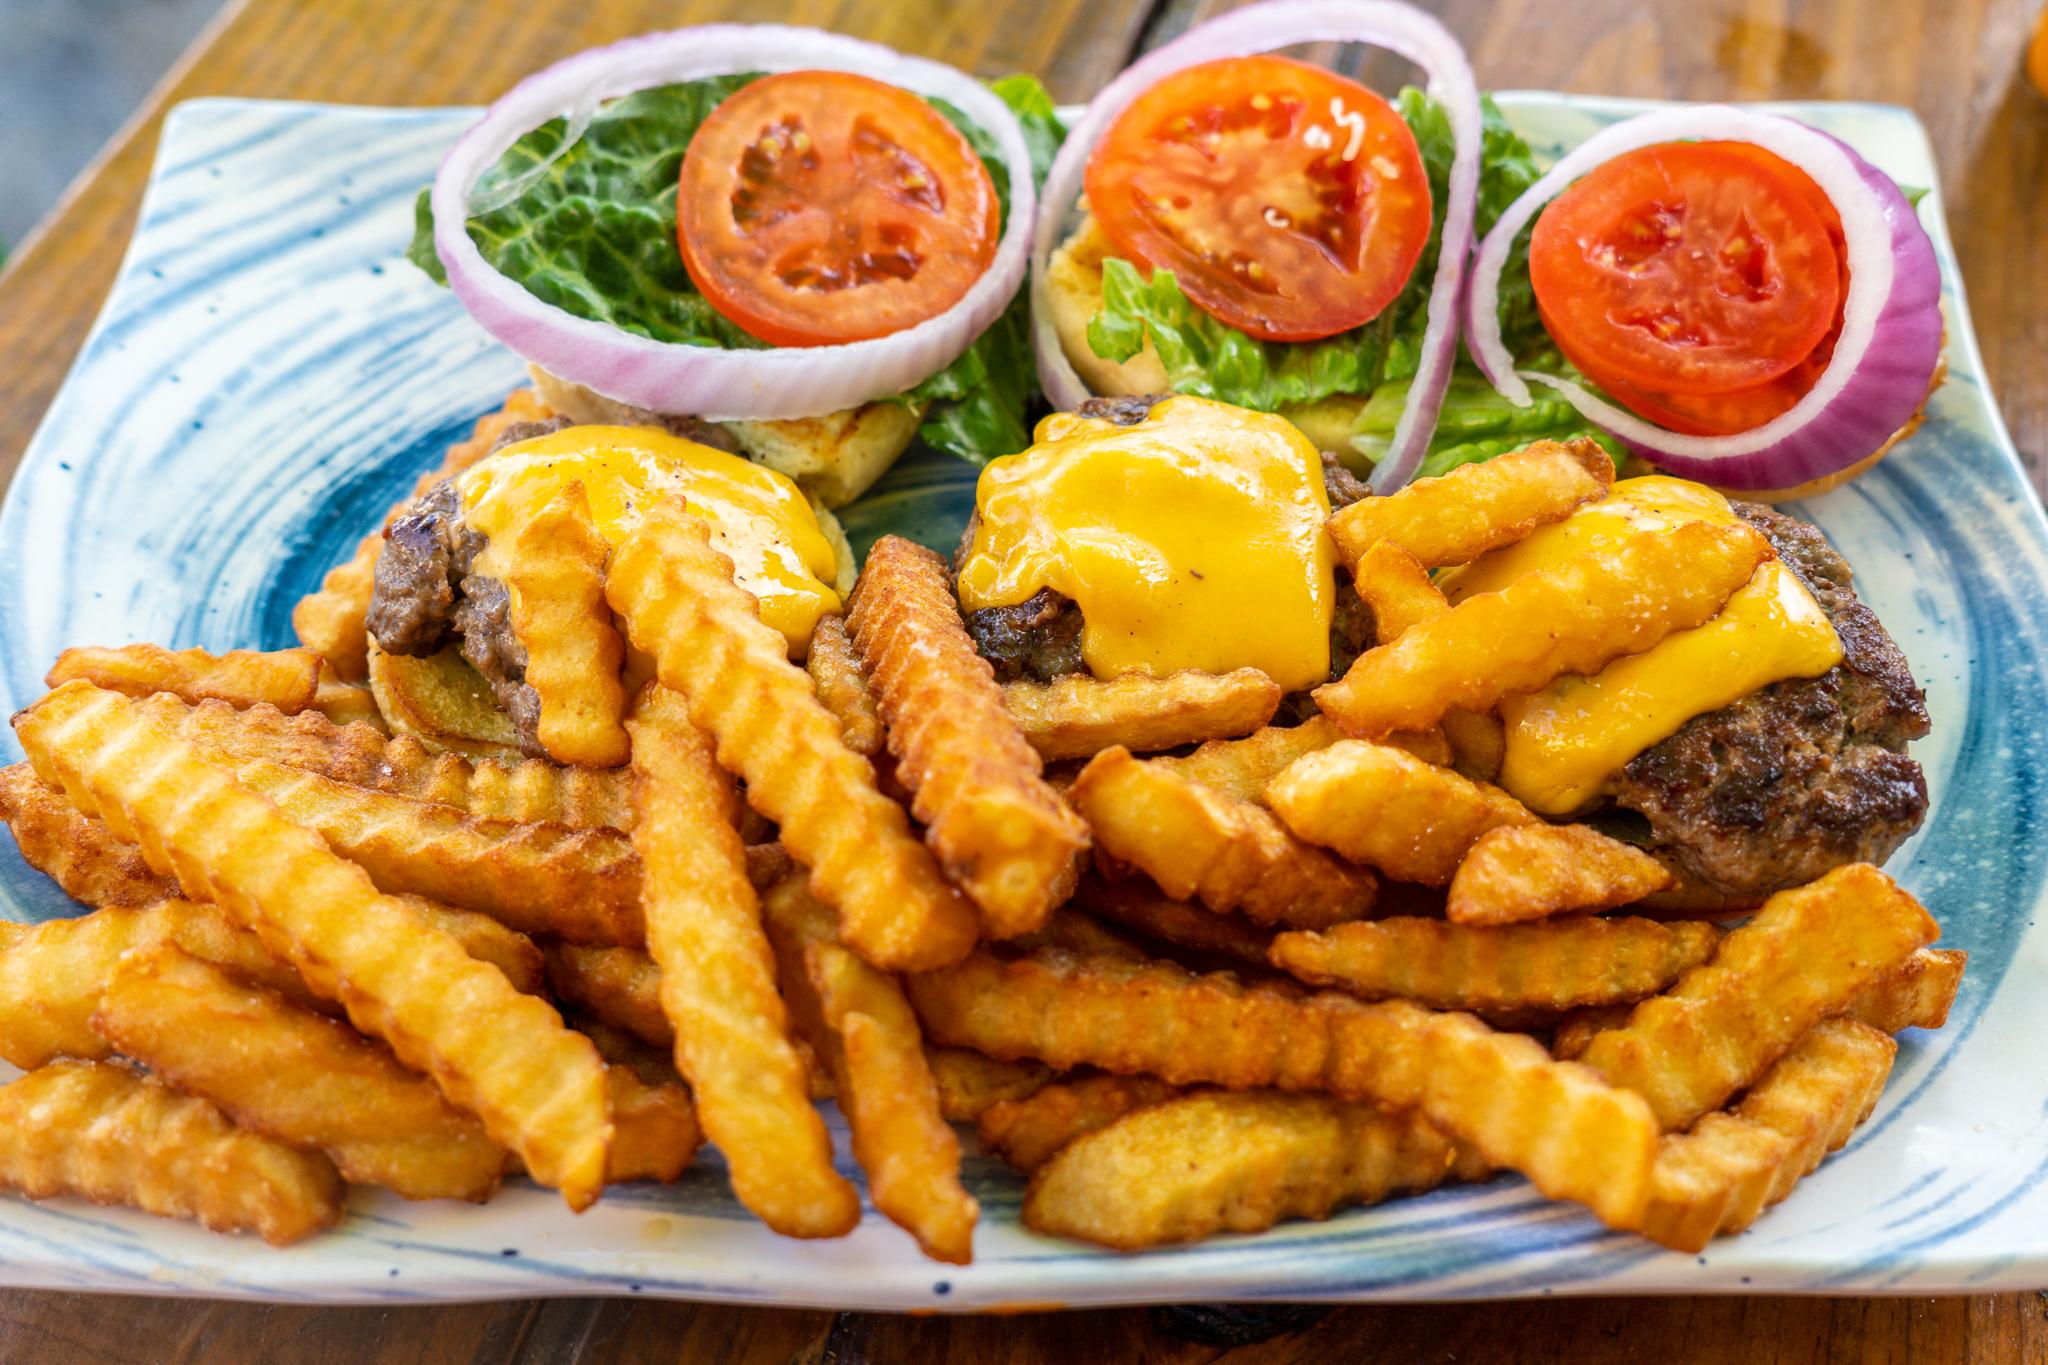 Burger-Ish Geez Louise Sliders